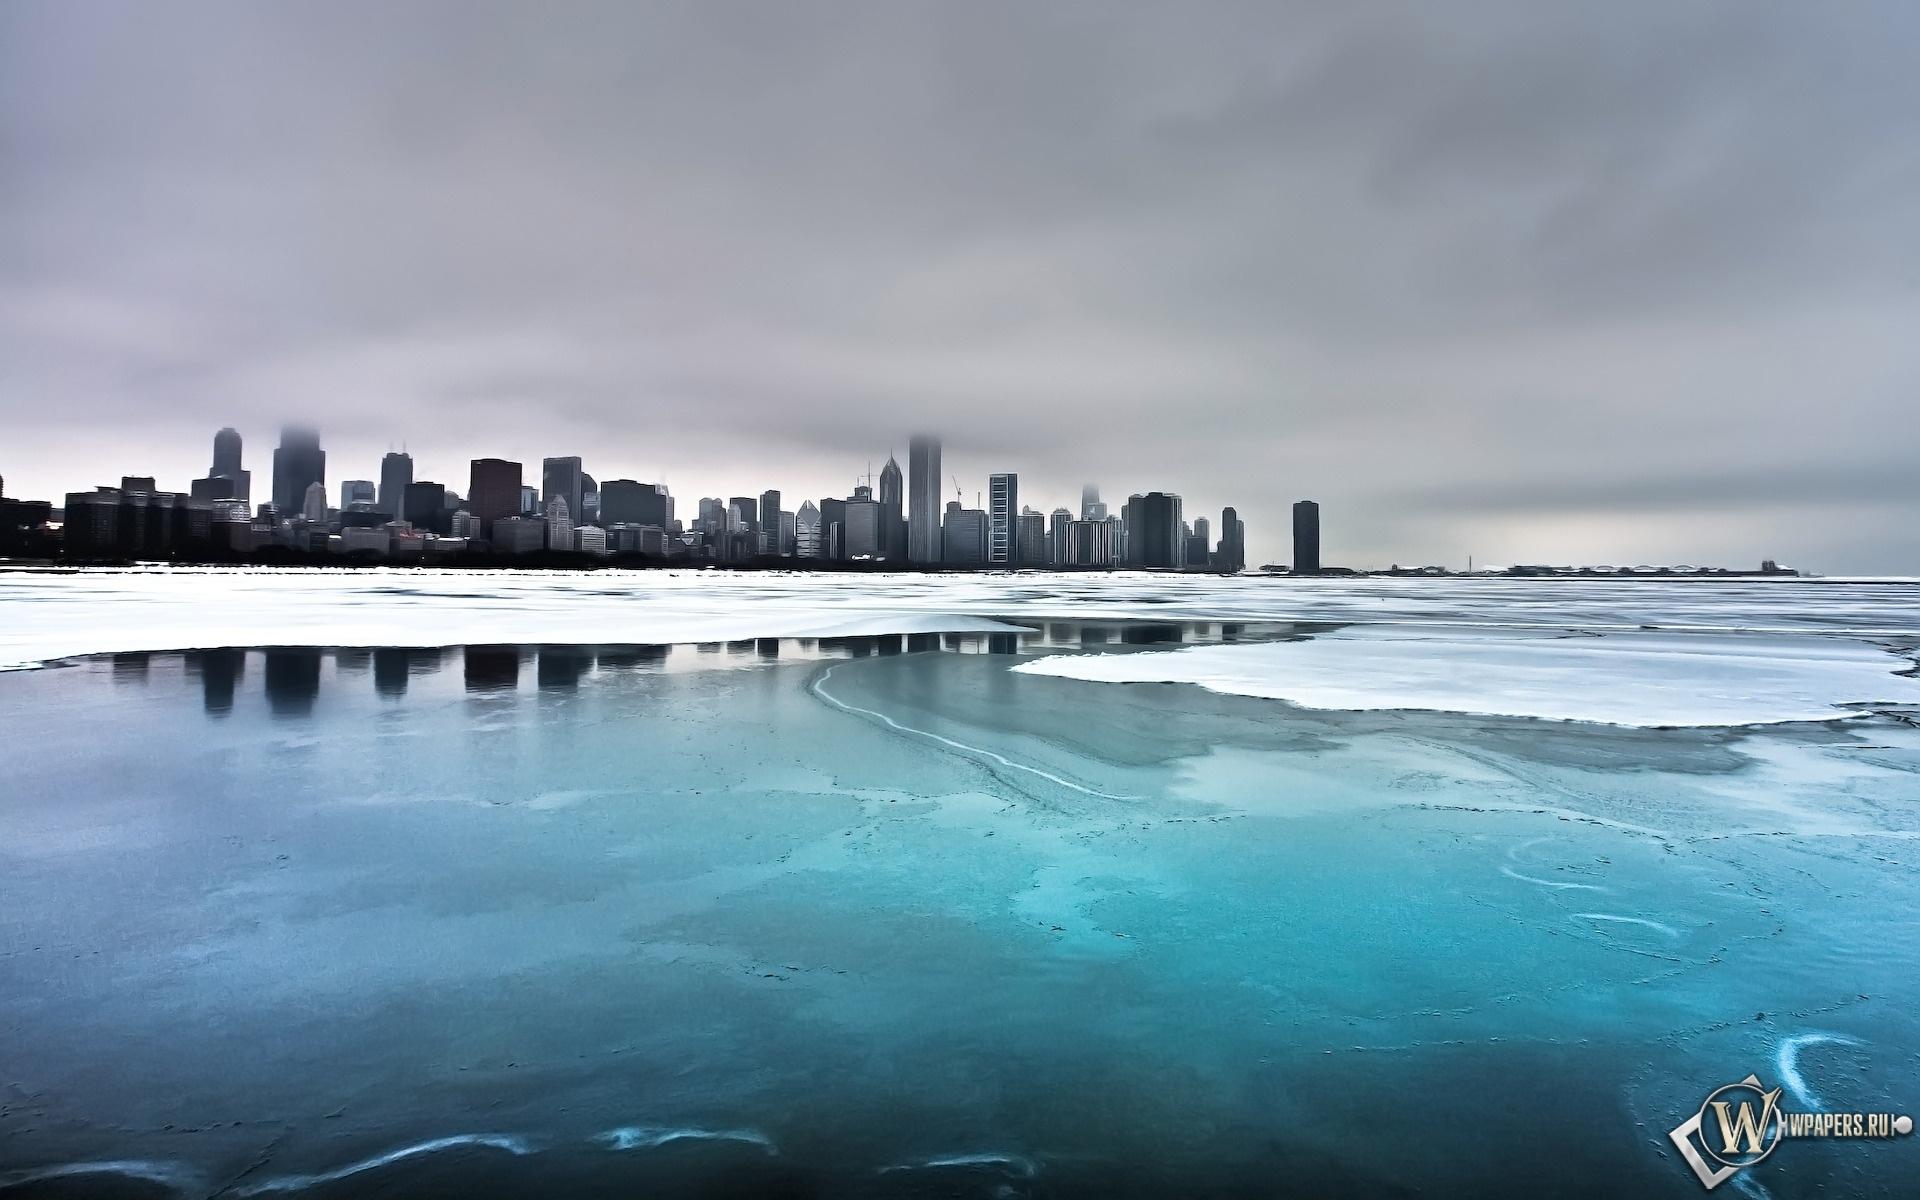 Чикаго 1920x1200